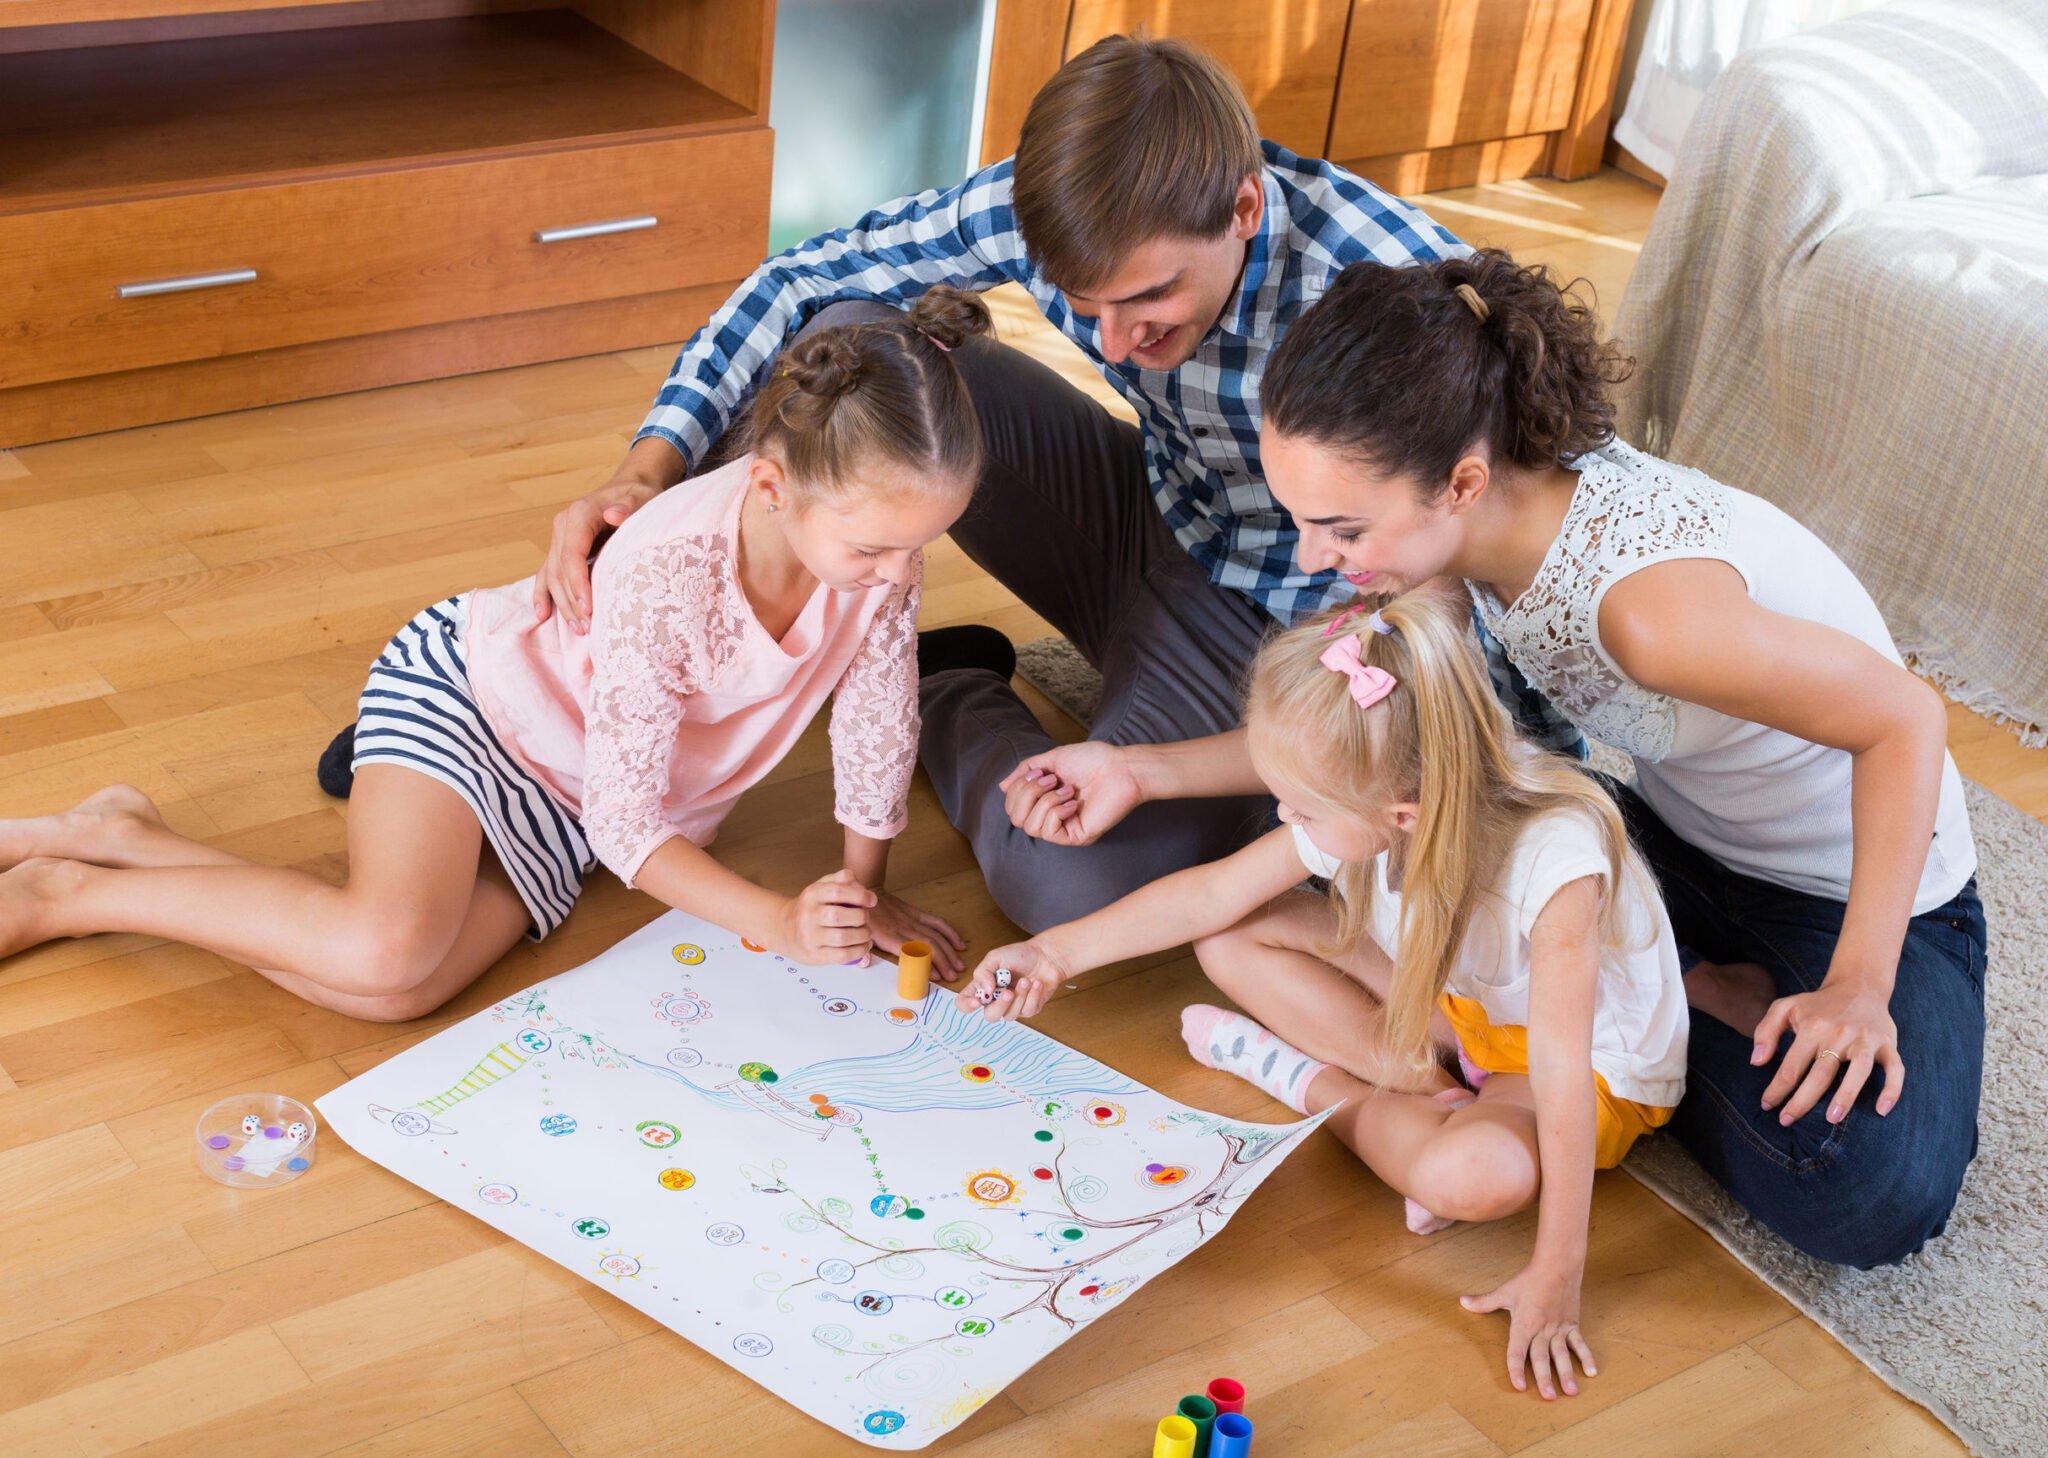 Coöperatieve spellen voor kinderen, zonder winnen of verliezen - Mamaliefde.nl